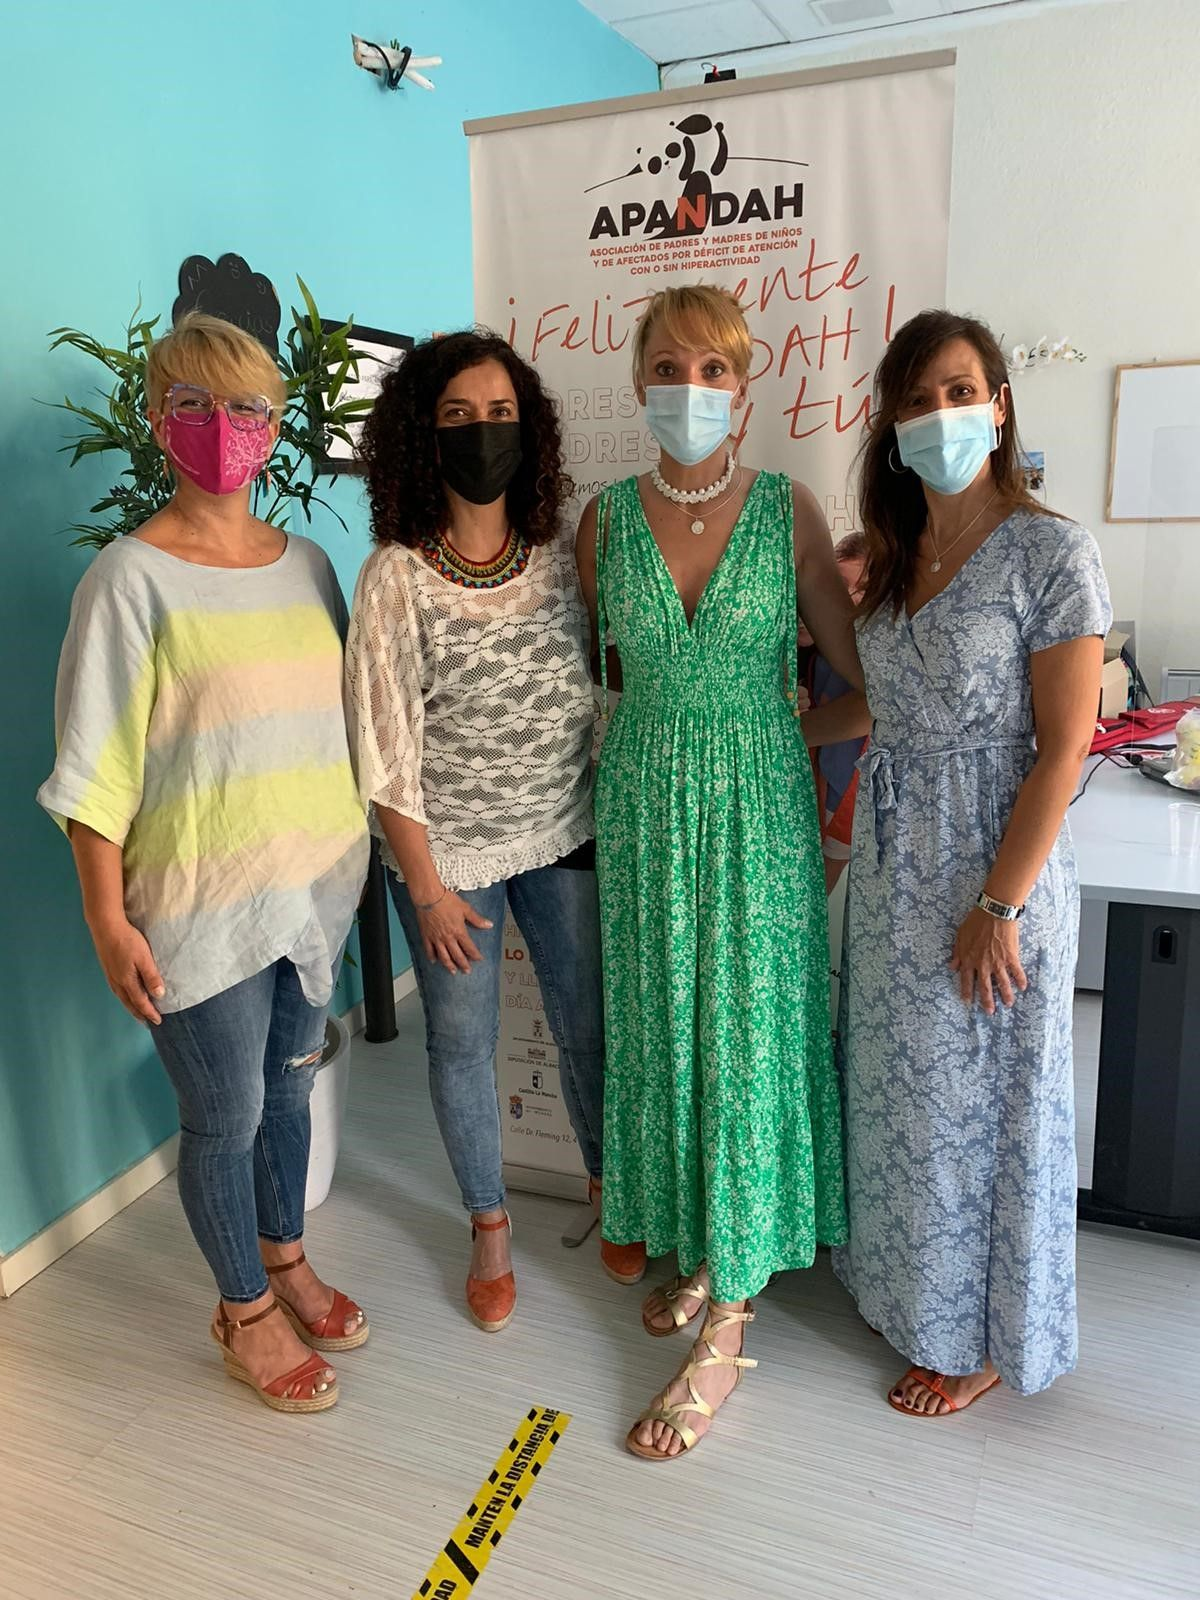 María Gil y Joaqui Alarcón apoyan a APANDAH y reclaman más apoyo para los niños con Déficit de Atención y mayor sensibilización sobre el colectivo